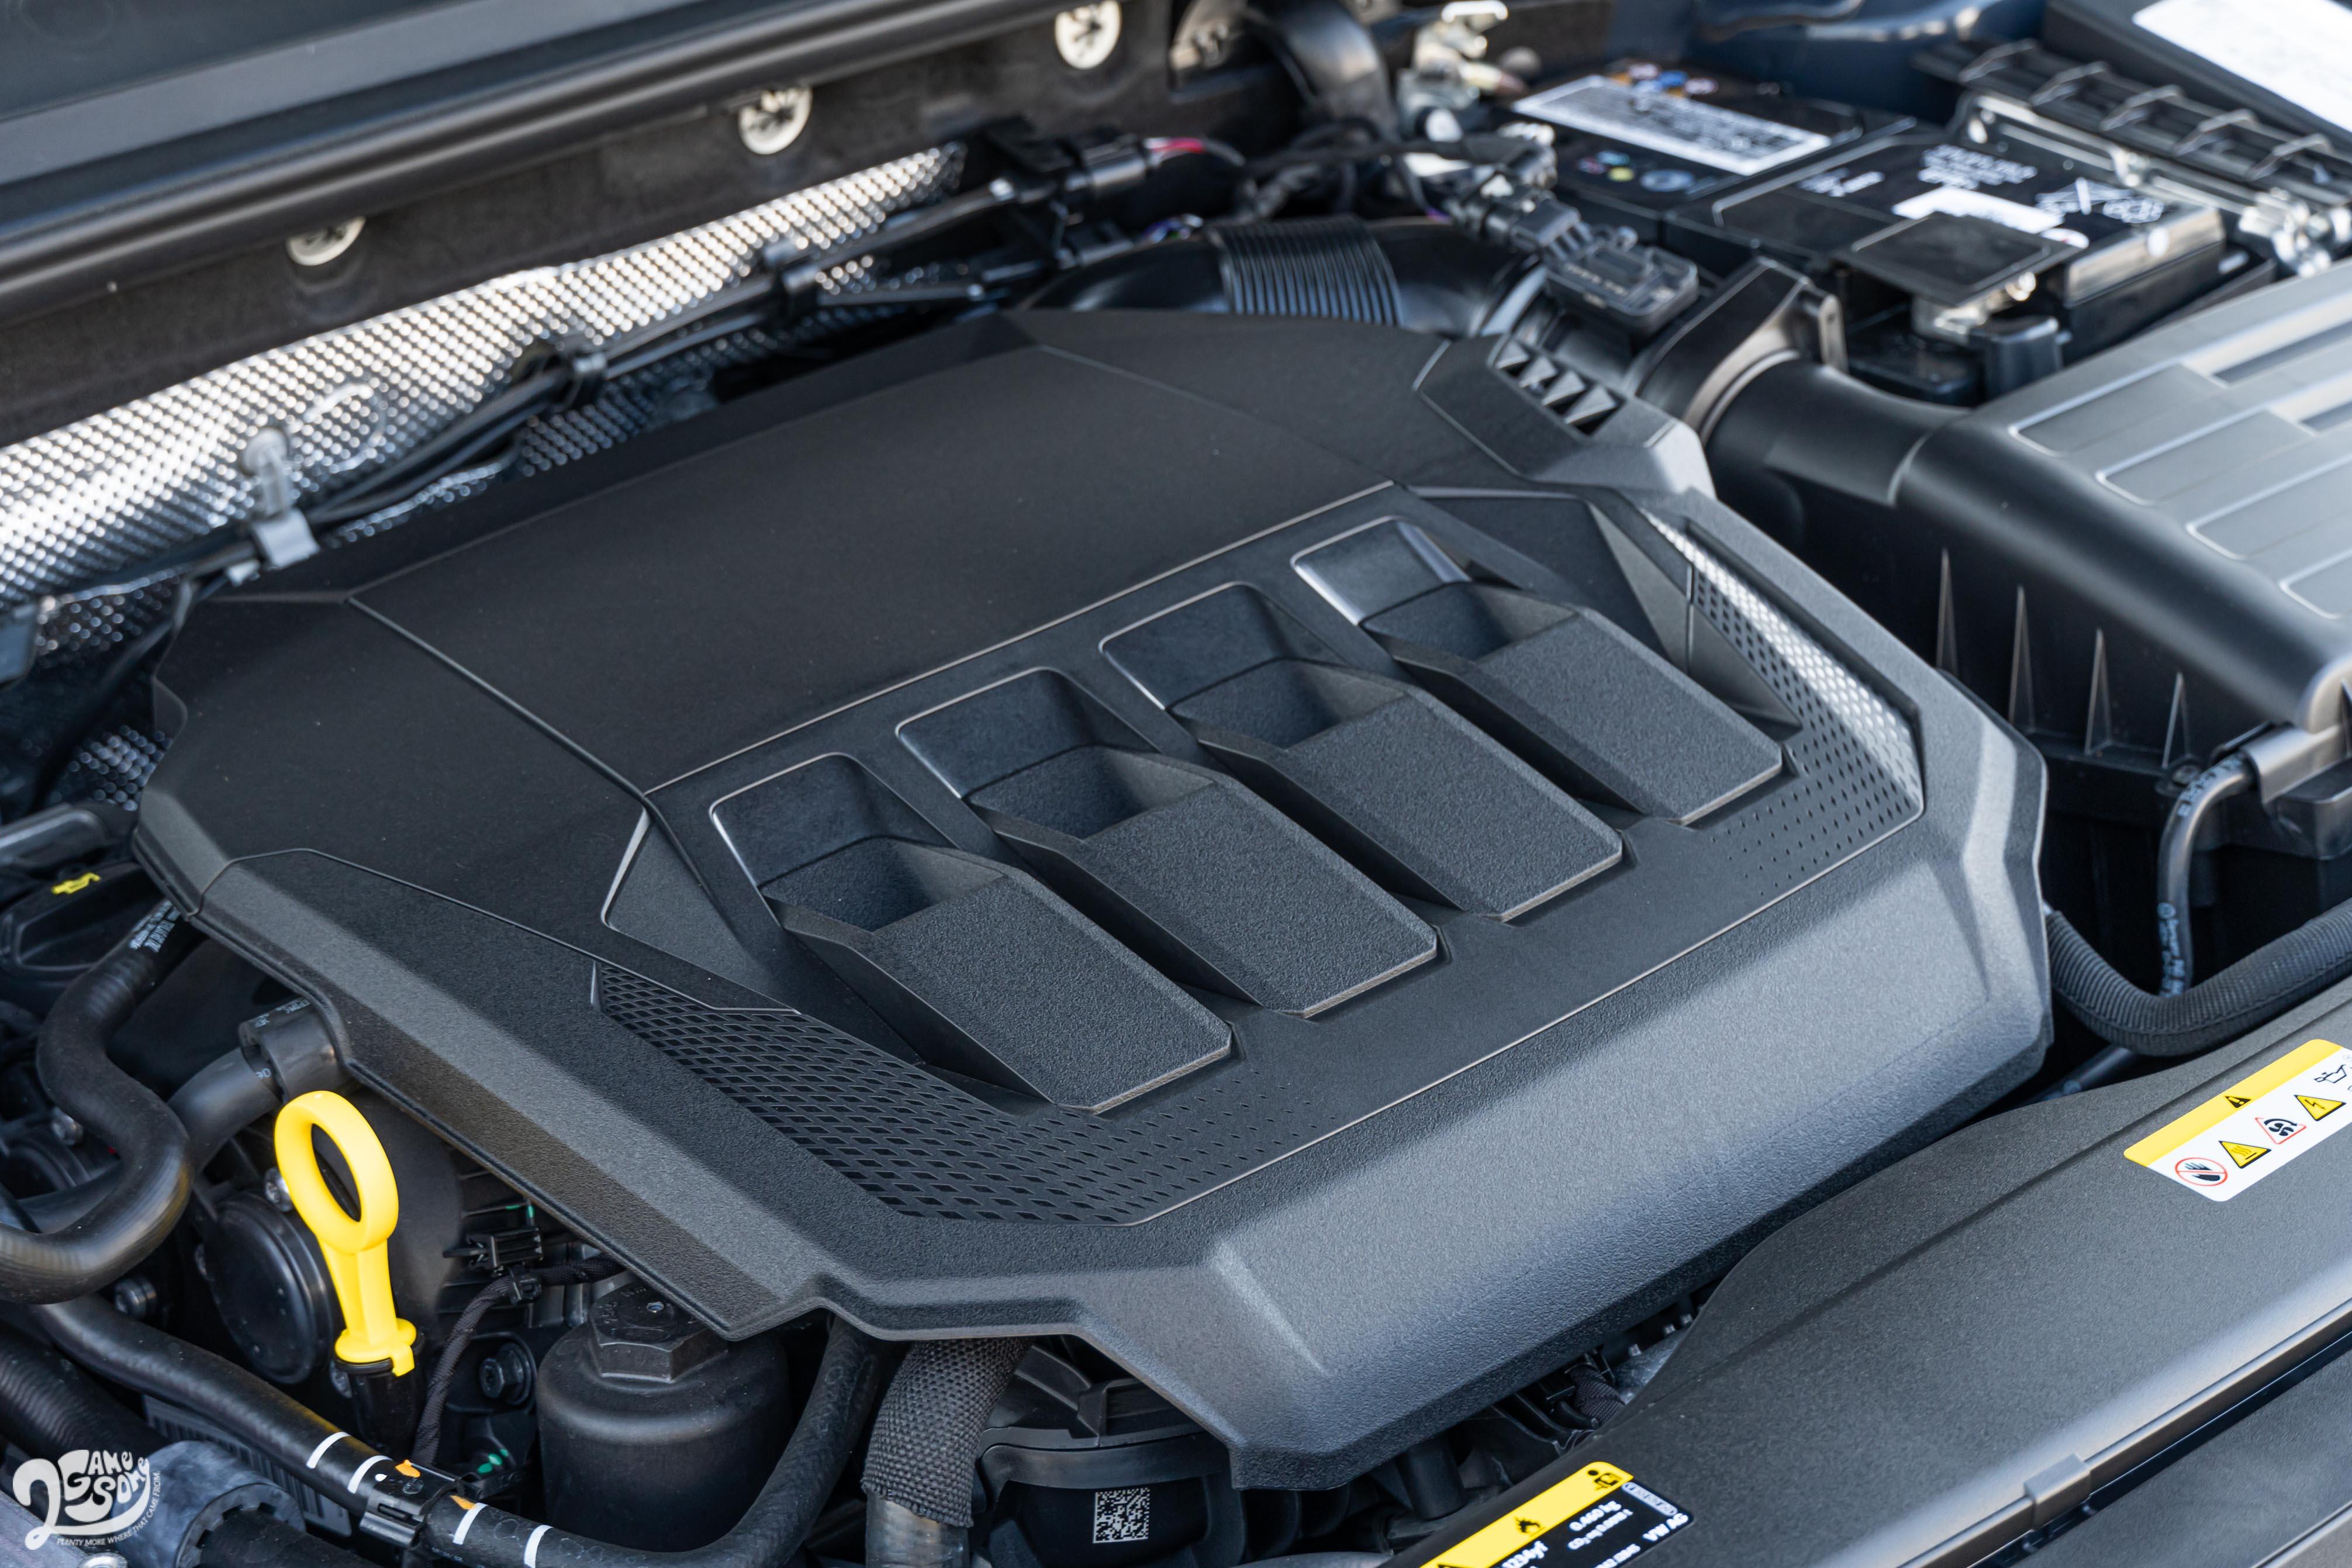 Arteon Fastback 330 TSI搭載 2.0 升渦輪增壓汽油引擎,具備 190ps / 4200~6000rpm 最大馬力,與 32.6kgm / 1500~4100rpm 最大扭力輸出。